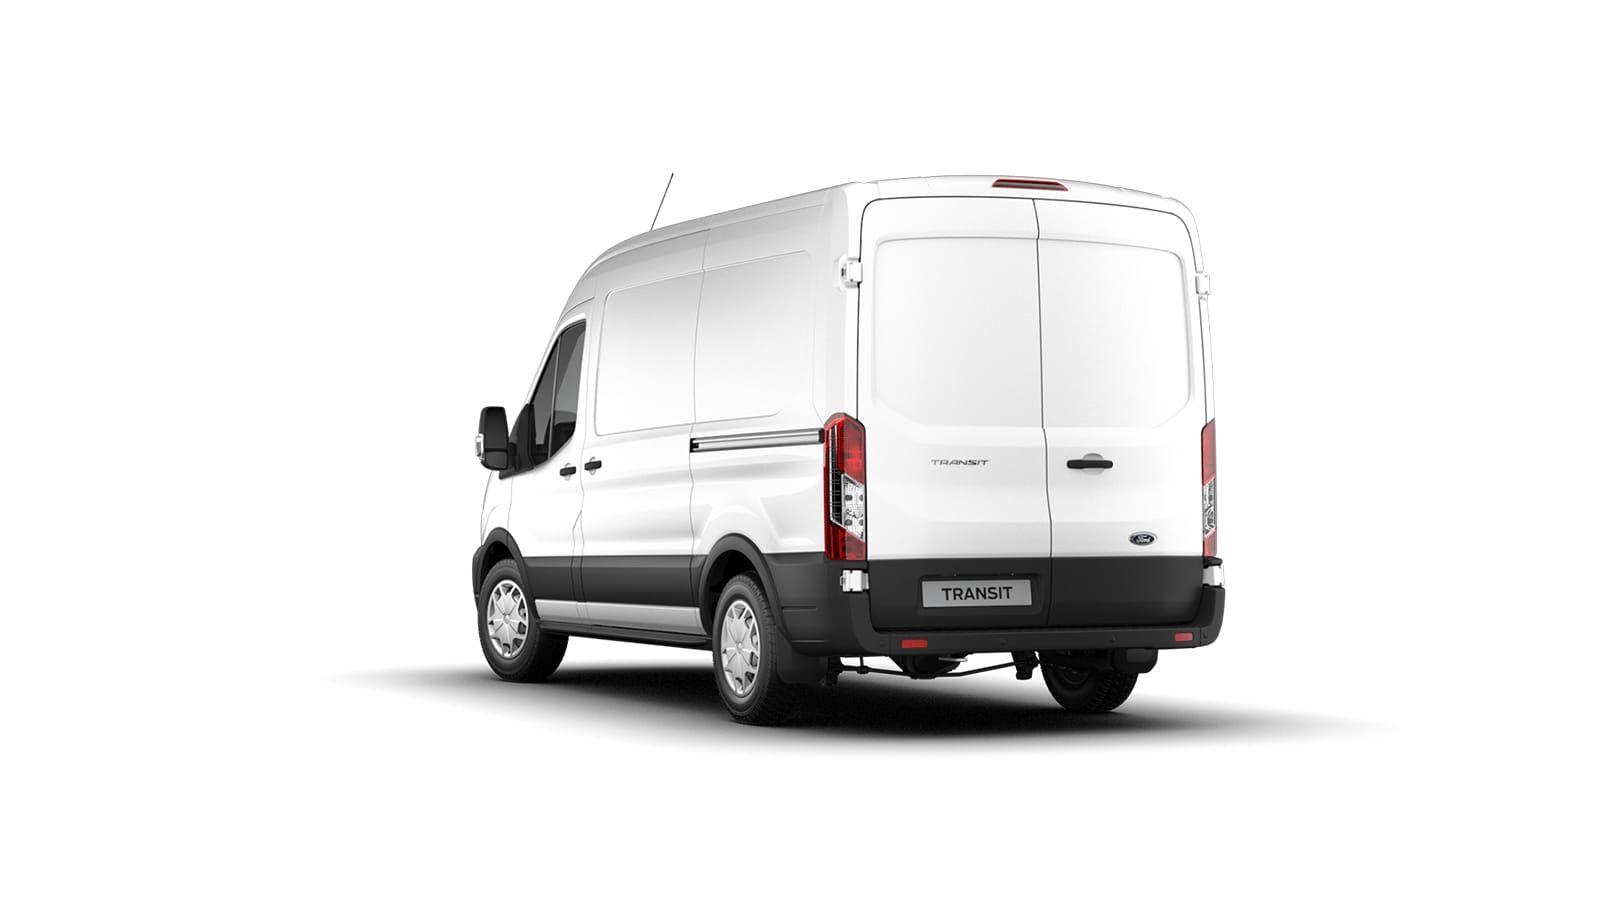 Nieuw Ford Transit 2t mca 350E Chassis enkele cabine L4 Trend/zonder laadbak M6 2.0 TD AXW - niet-metaalkleur: Frozen White 3